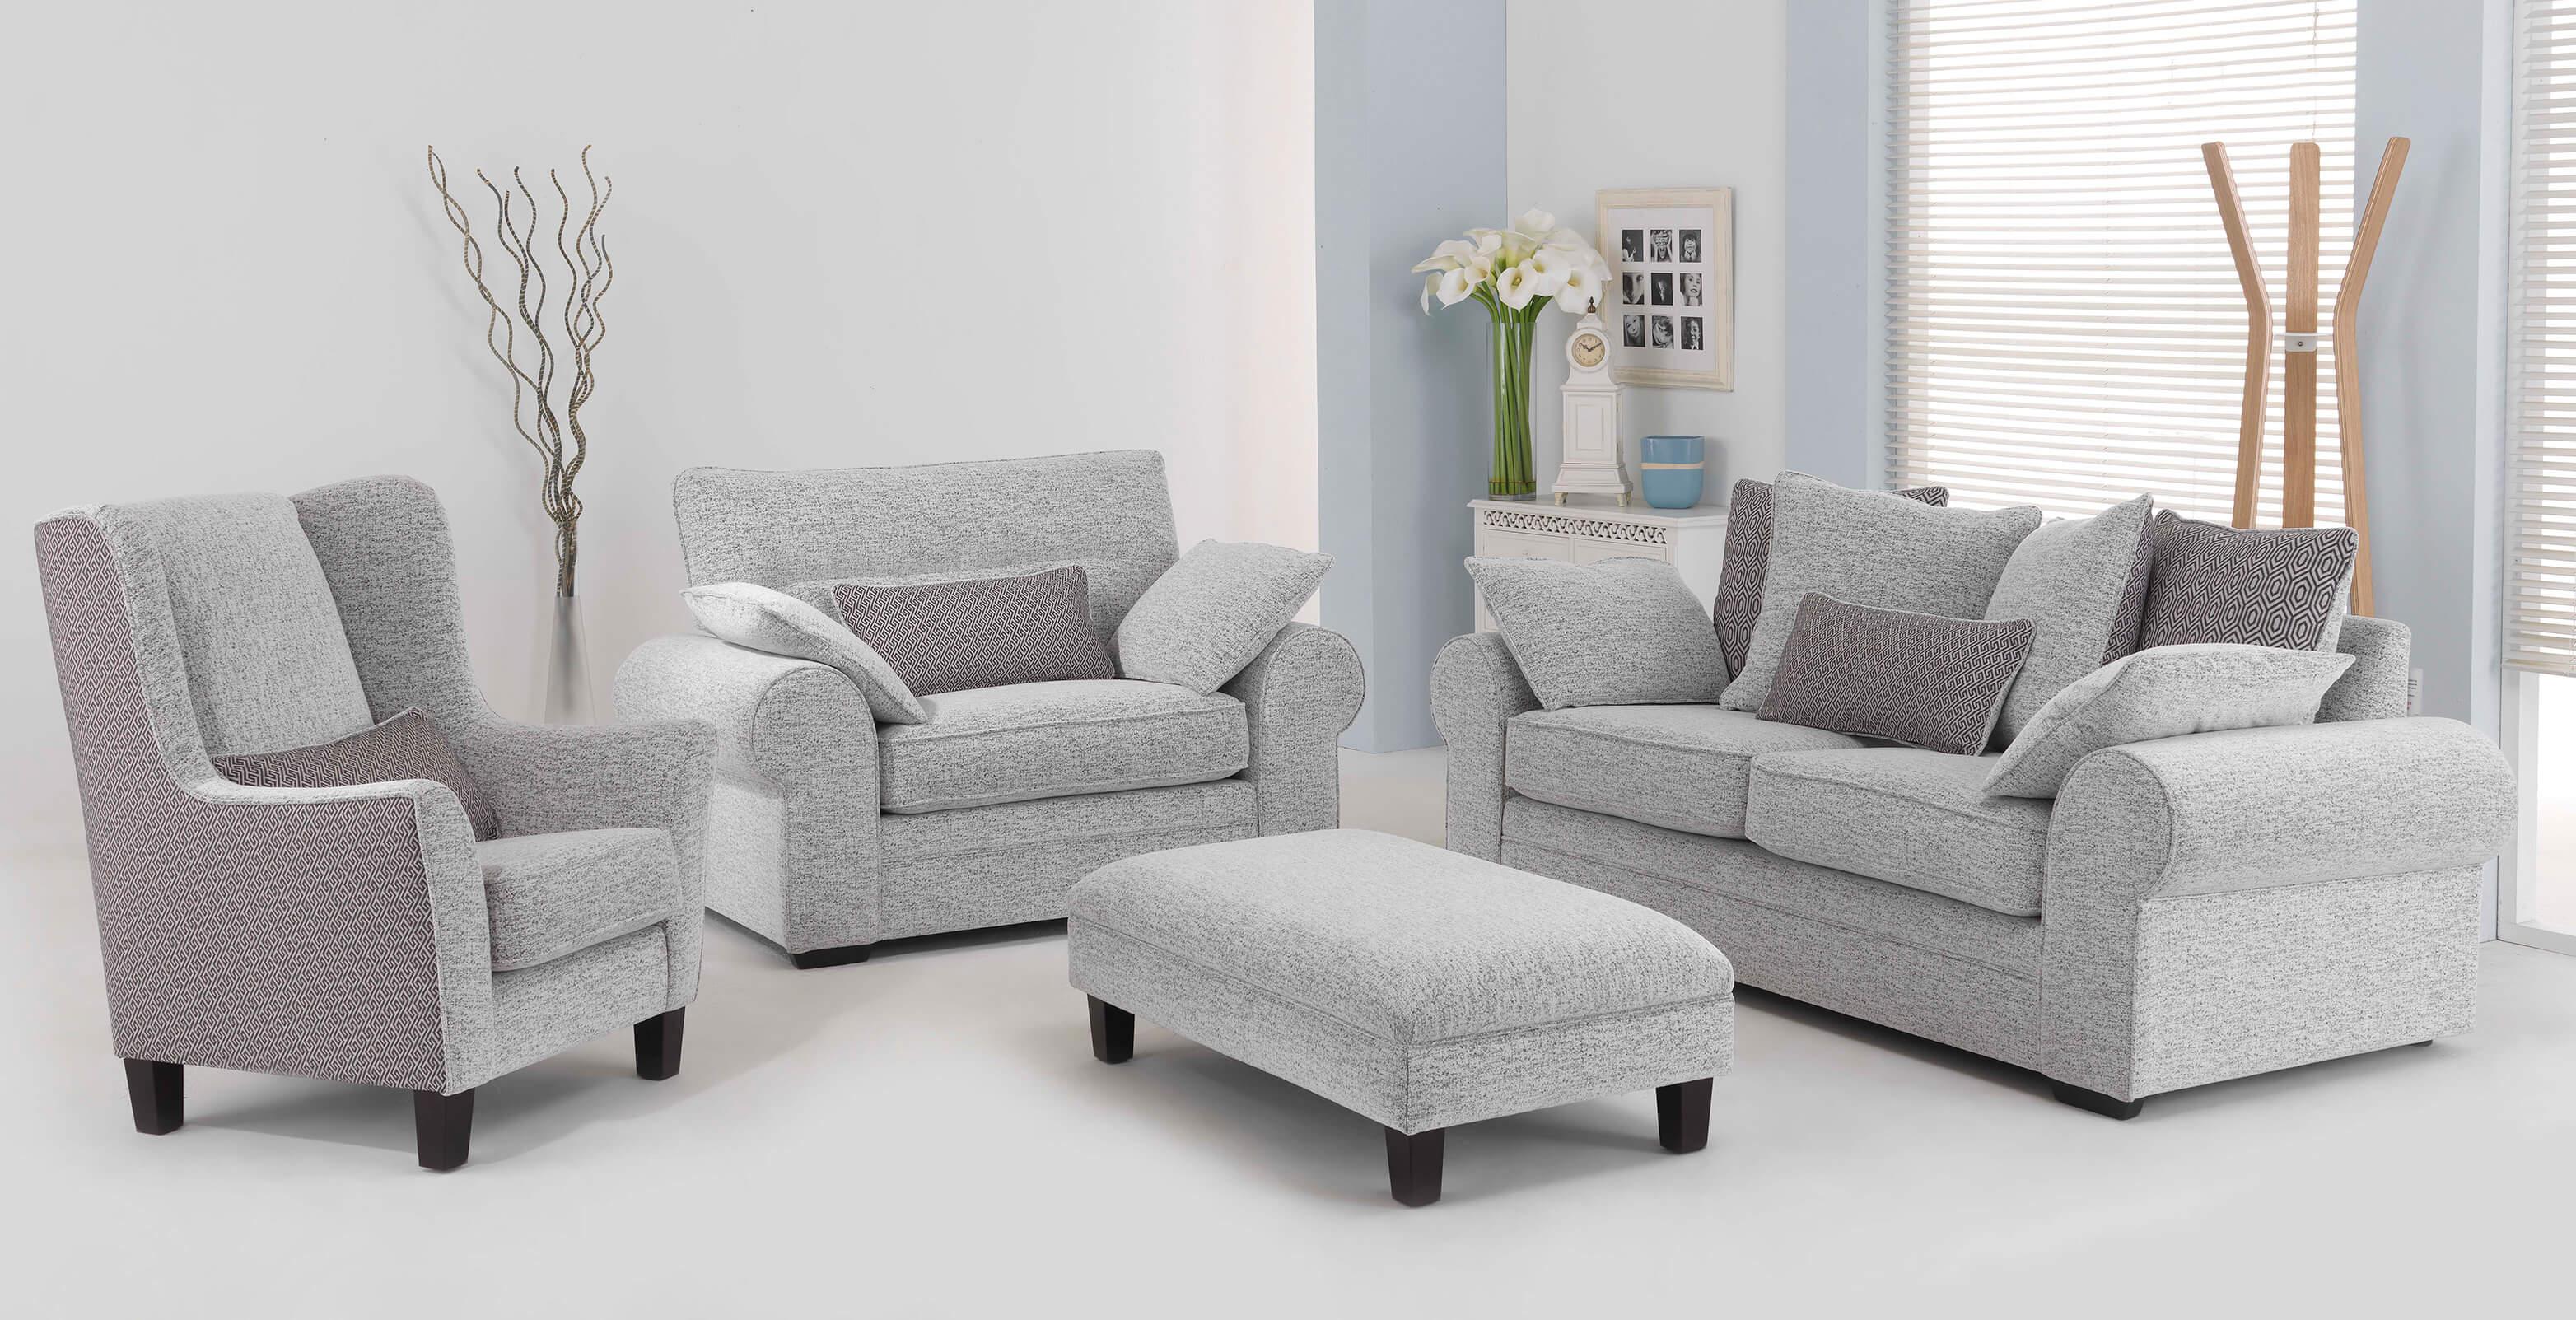 Richmond   The Furniture Company